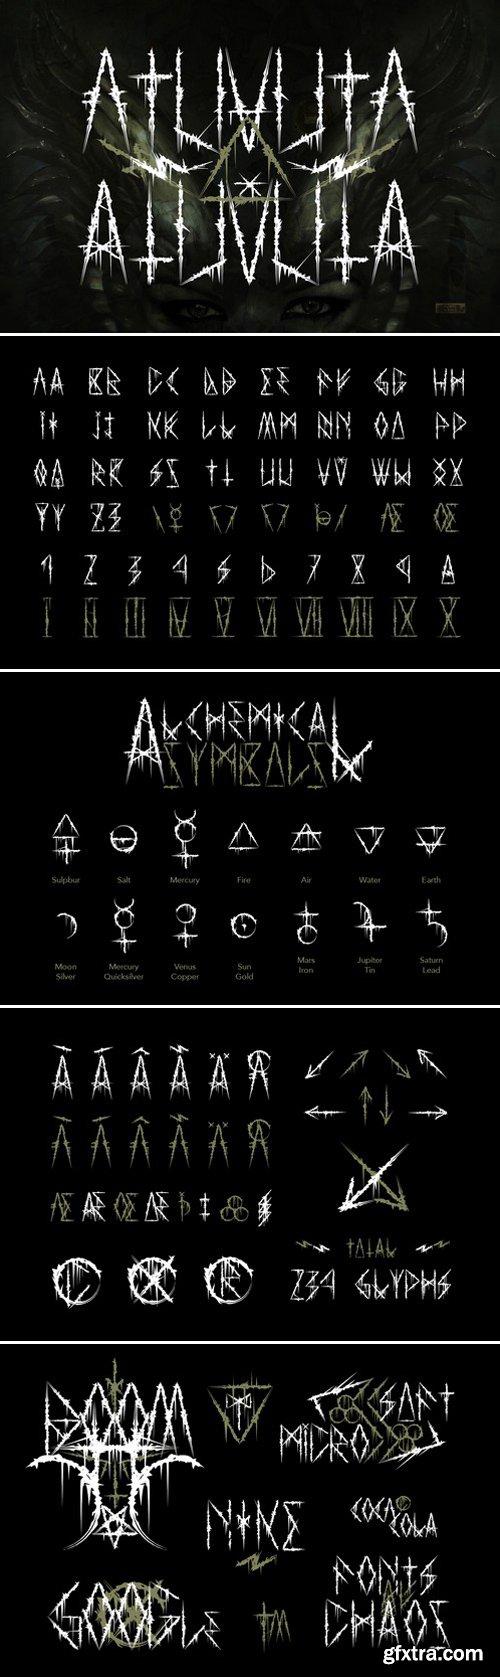 CM - Atuvuta - font